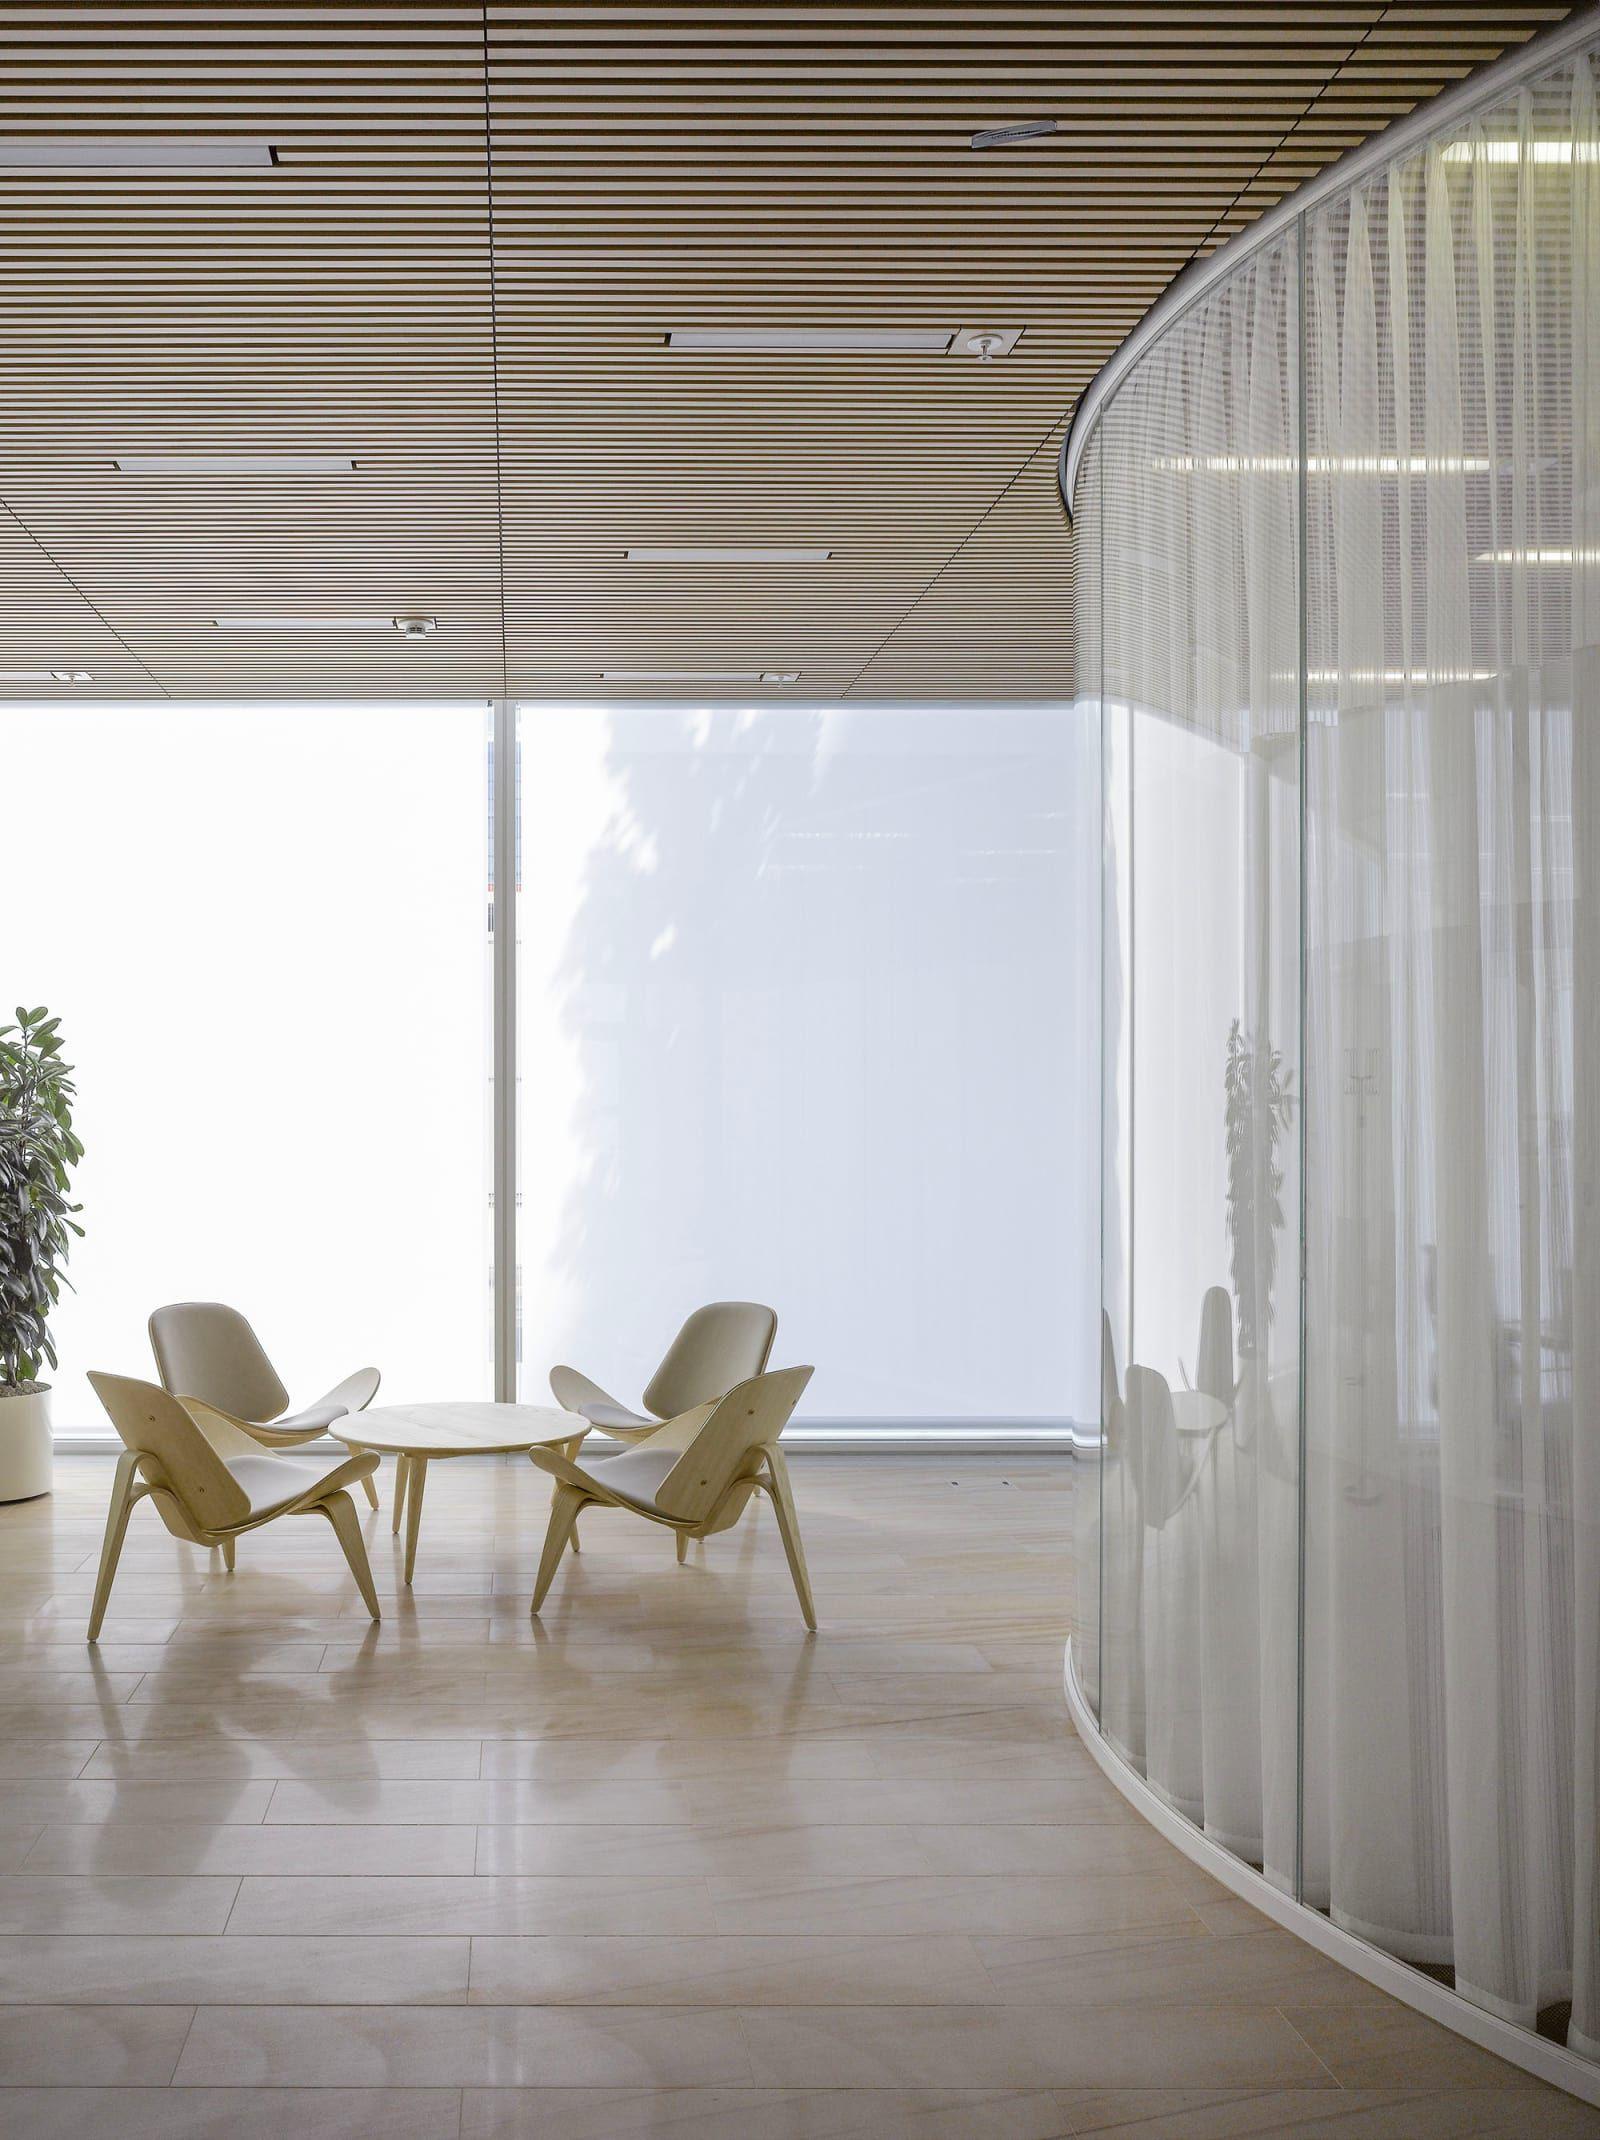 Fantastisch Design Stuhl Einrichtungsmoglichkeiten Fotos - Die ...